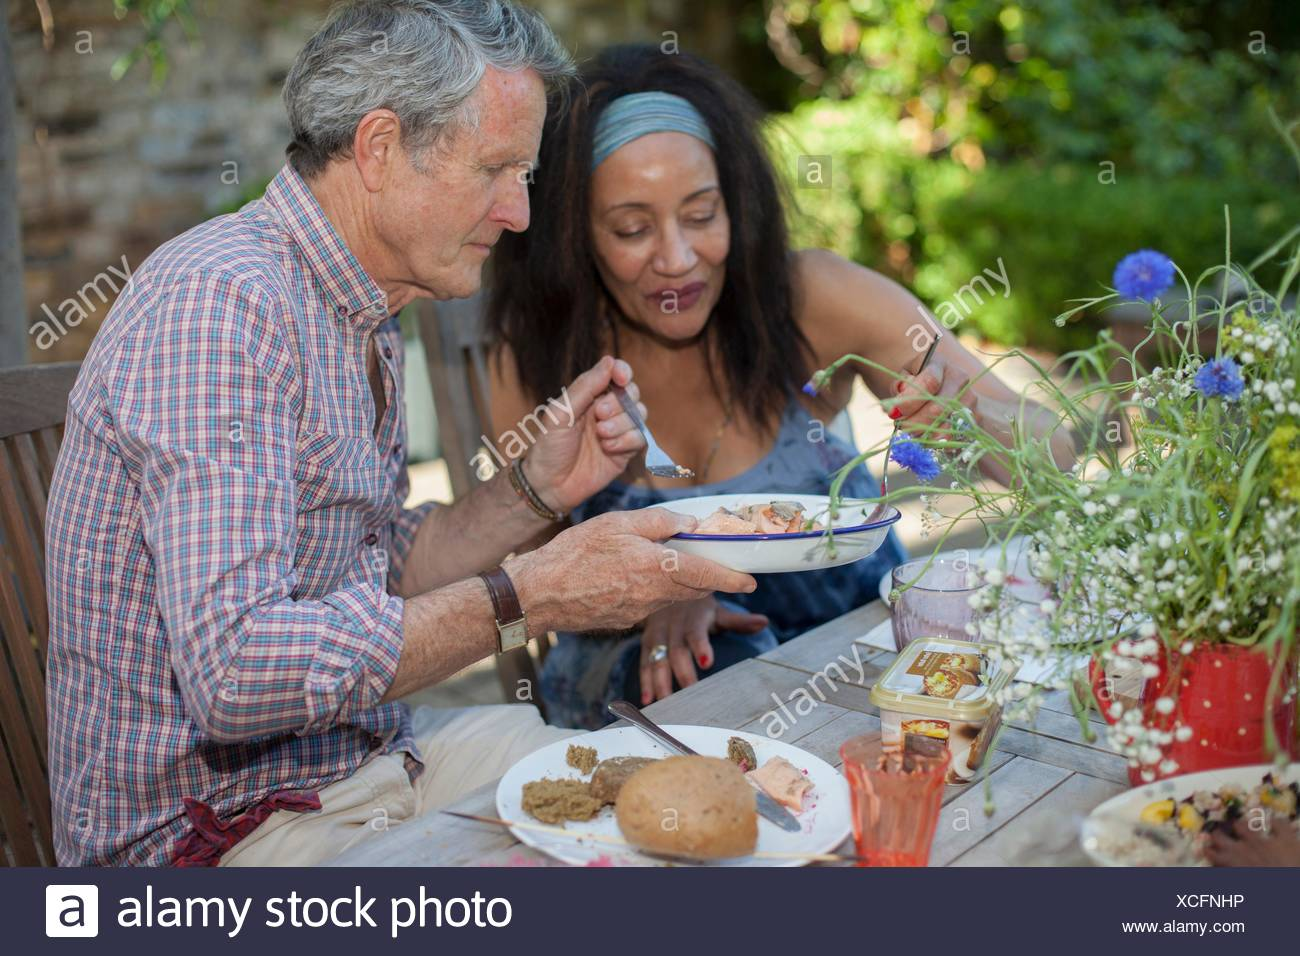 Las parejas ancianas comiendo comida al aire libre Imagen De Stock